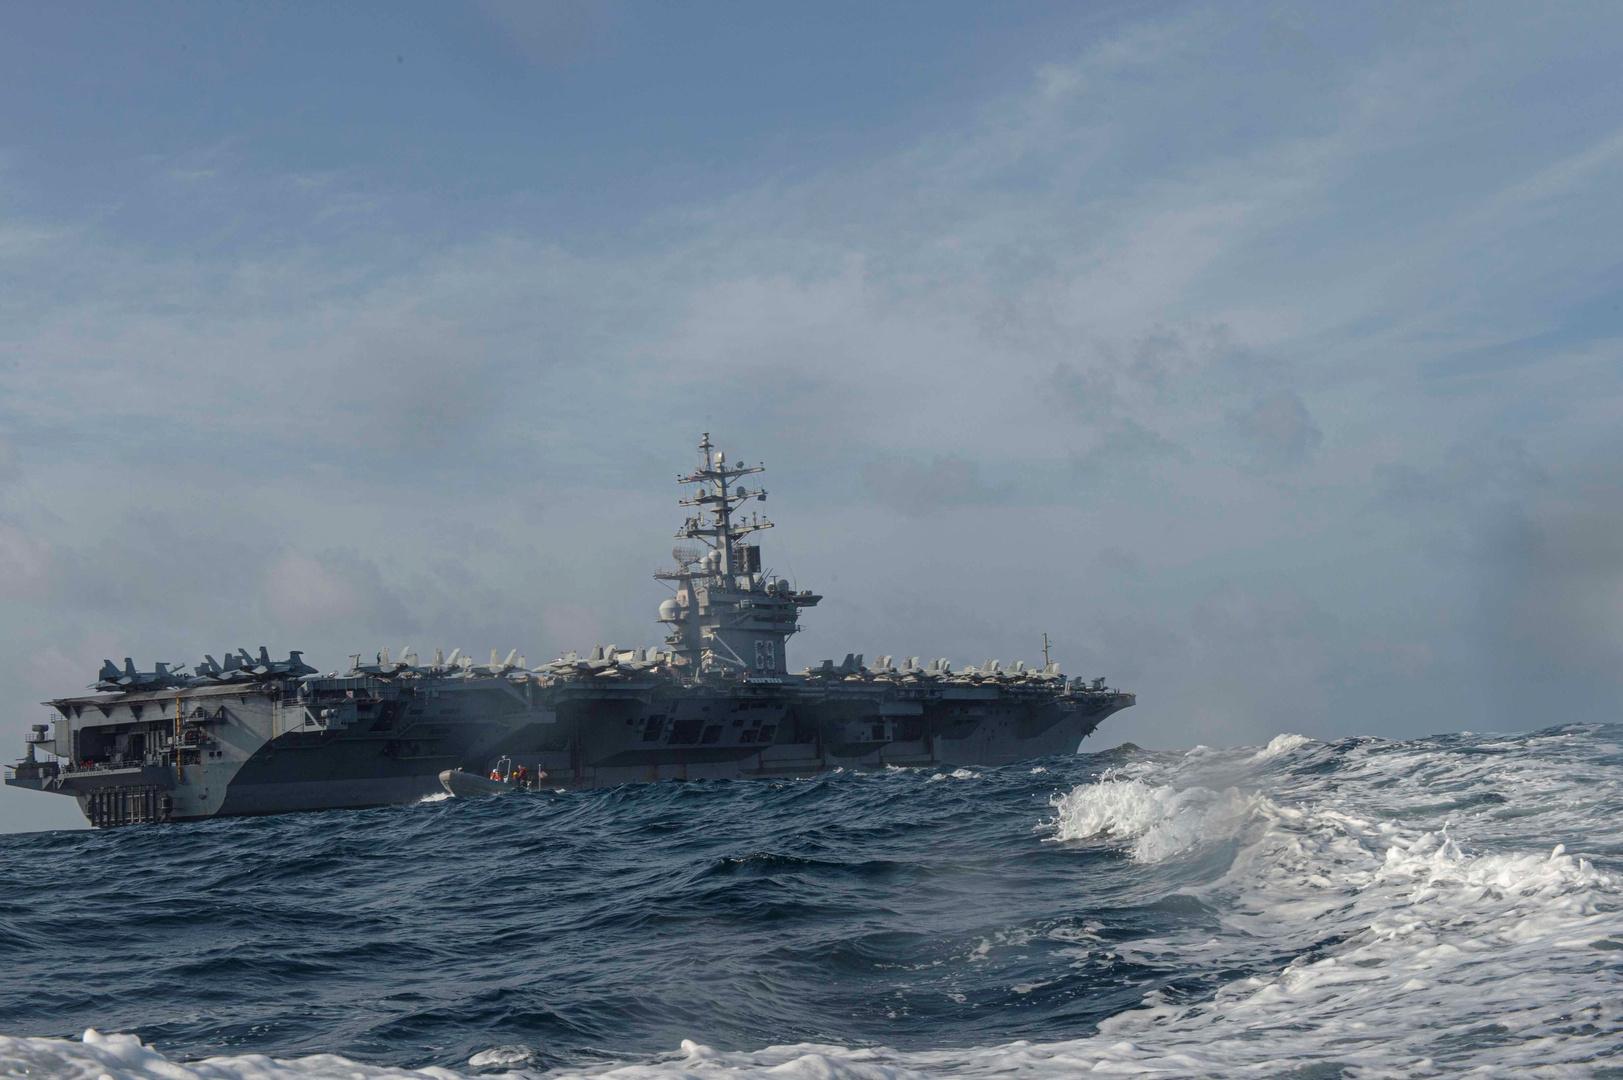 وزارة الدفاع البريطانية تعلن استهداف سفينة إسرائيلية قبالة عمان